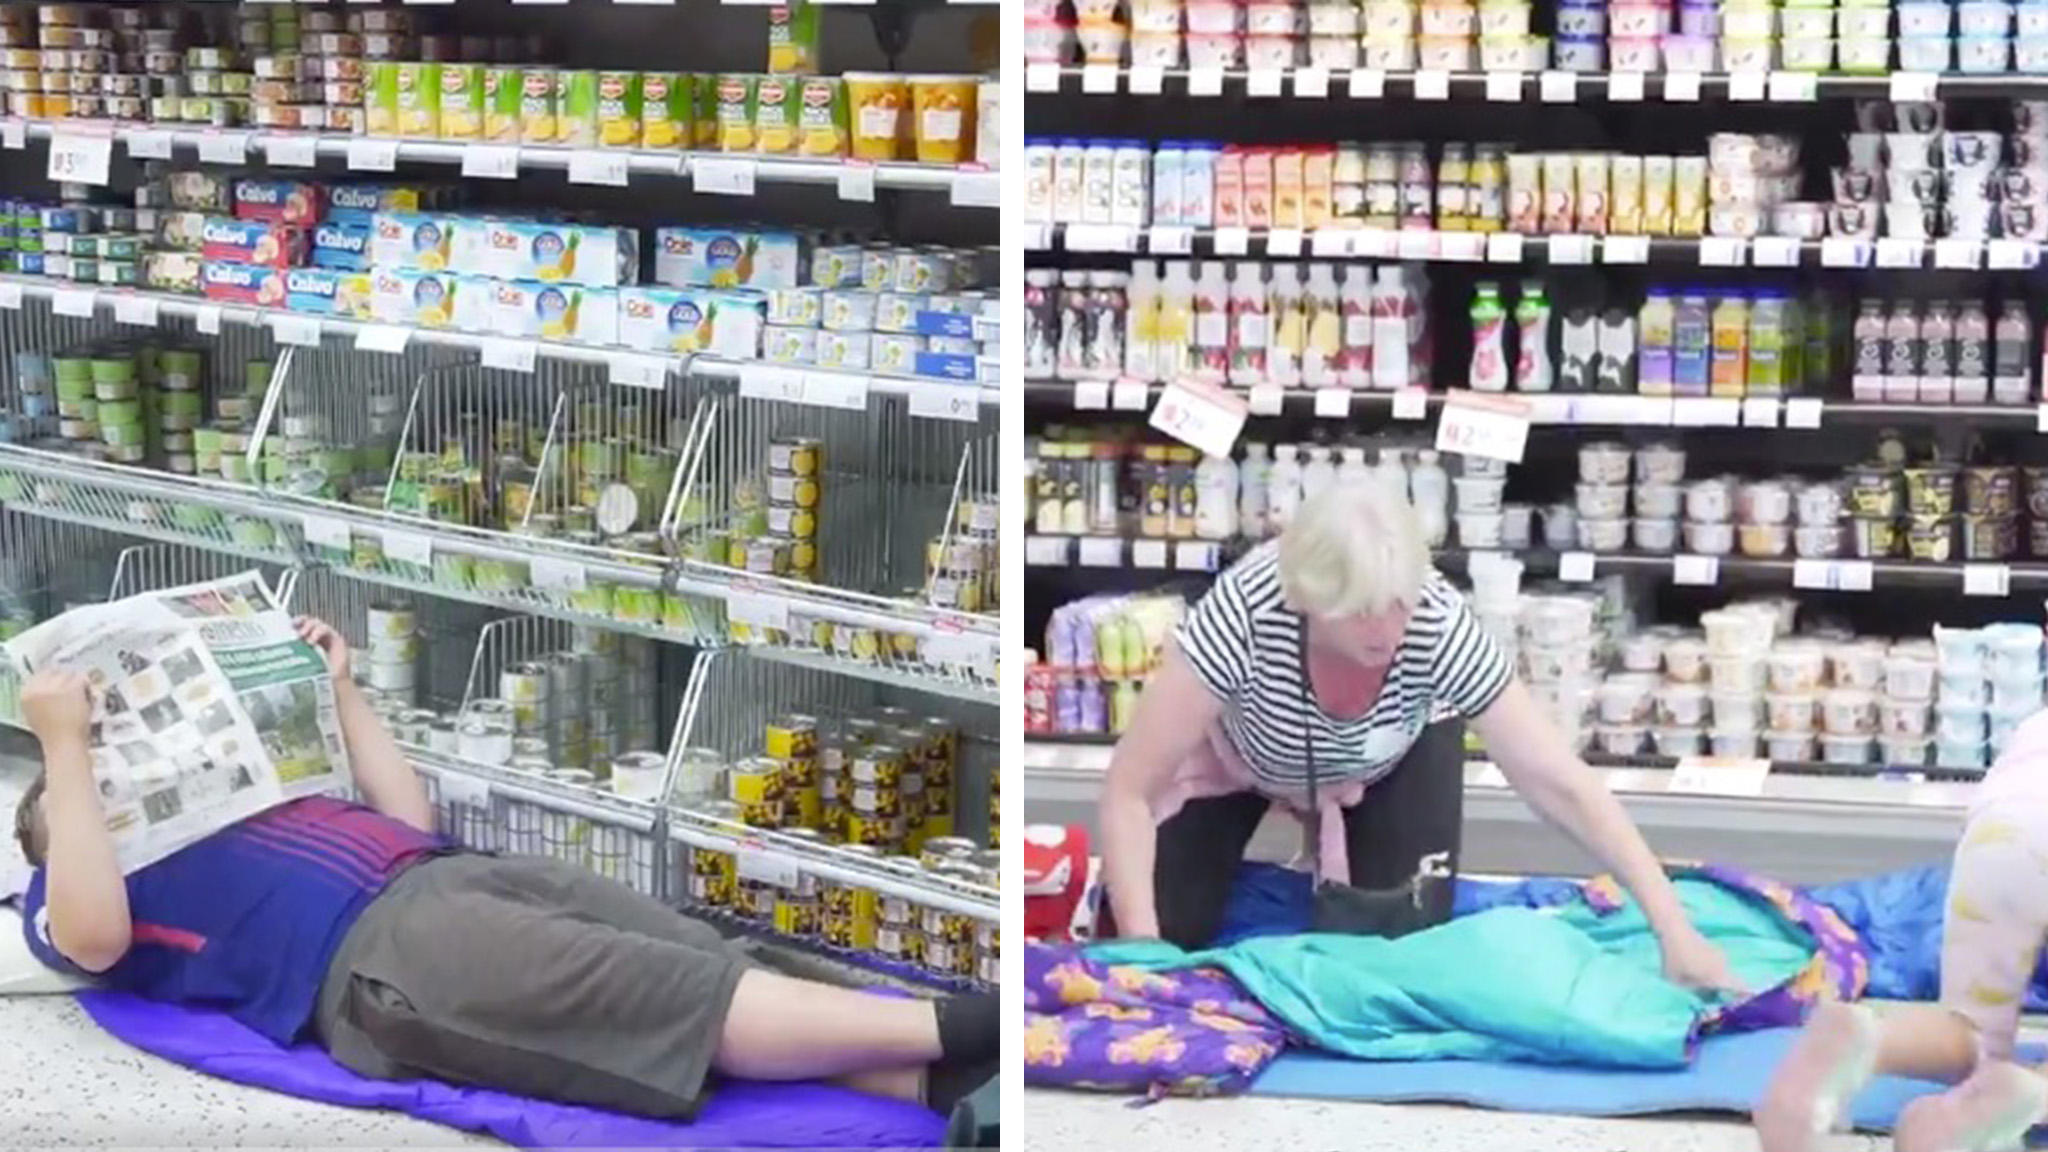 Aldi Kühlschrank Yoga : Hitzewelle in finnland: supermarkt lässt kunden im kühlen laden